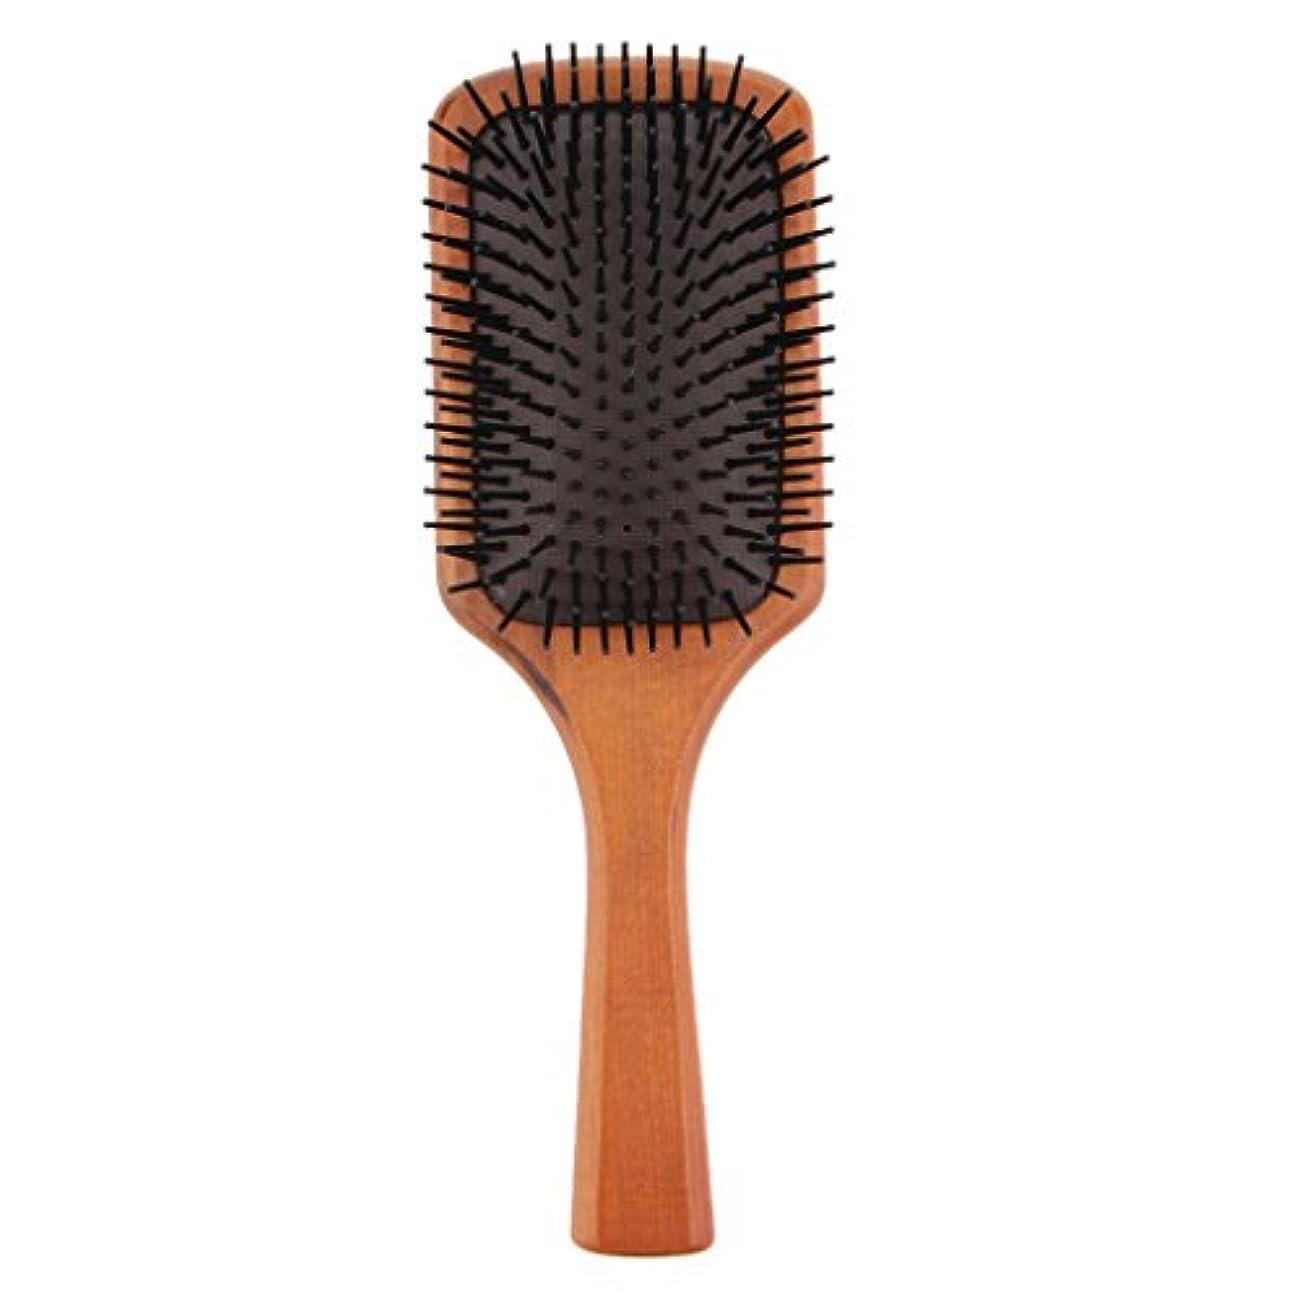 推定する高い喉頭木製コーム ヘアブラシ 櫛 ヘアダイコーム ヘアコーム 健康 光沢 髪 維持